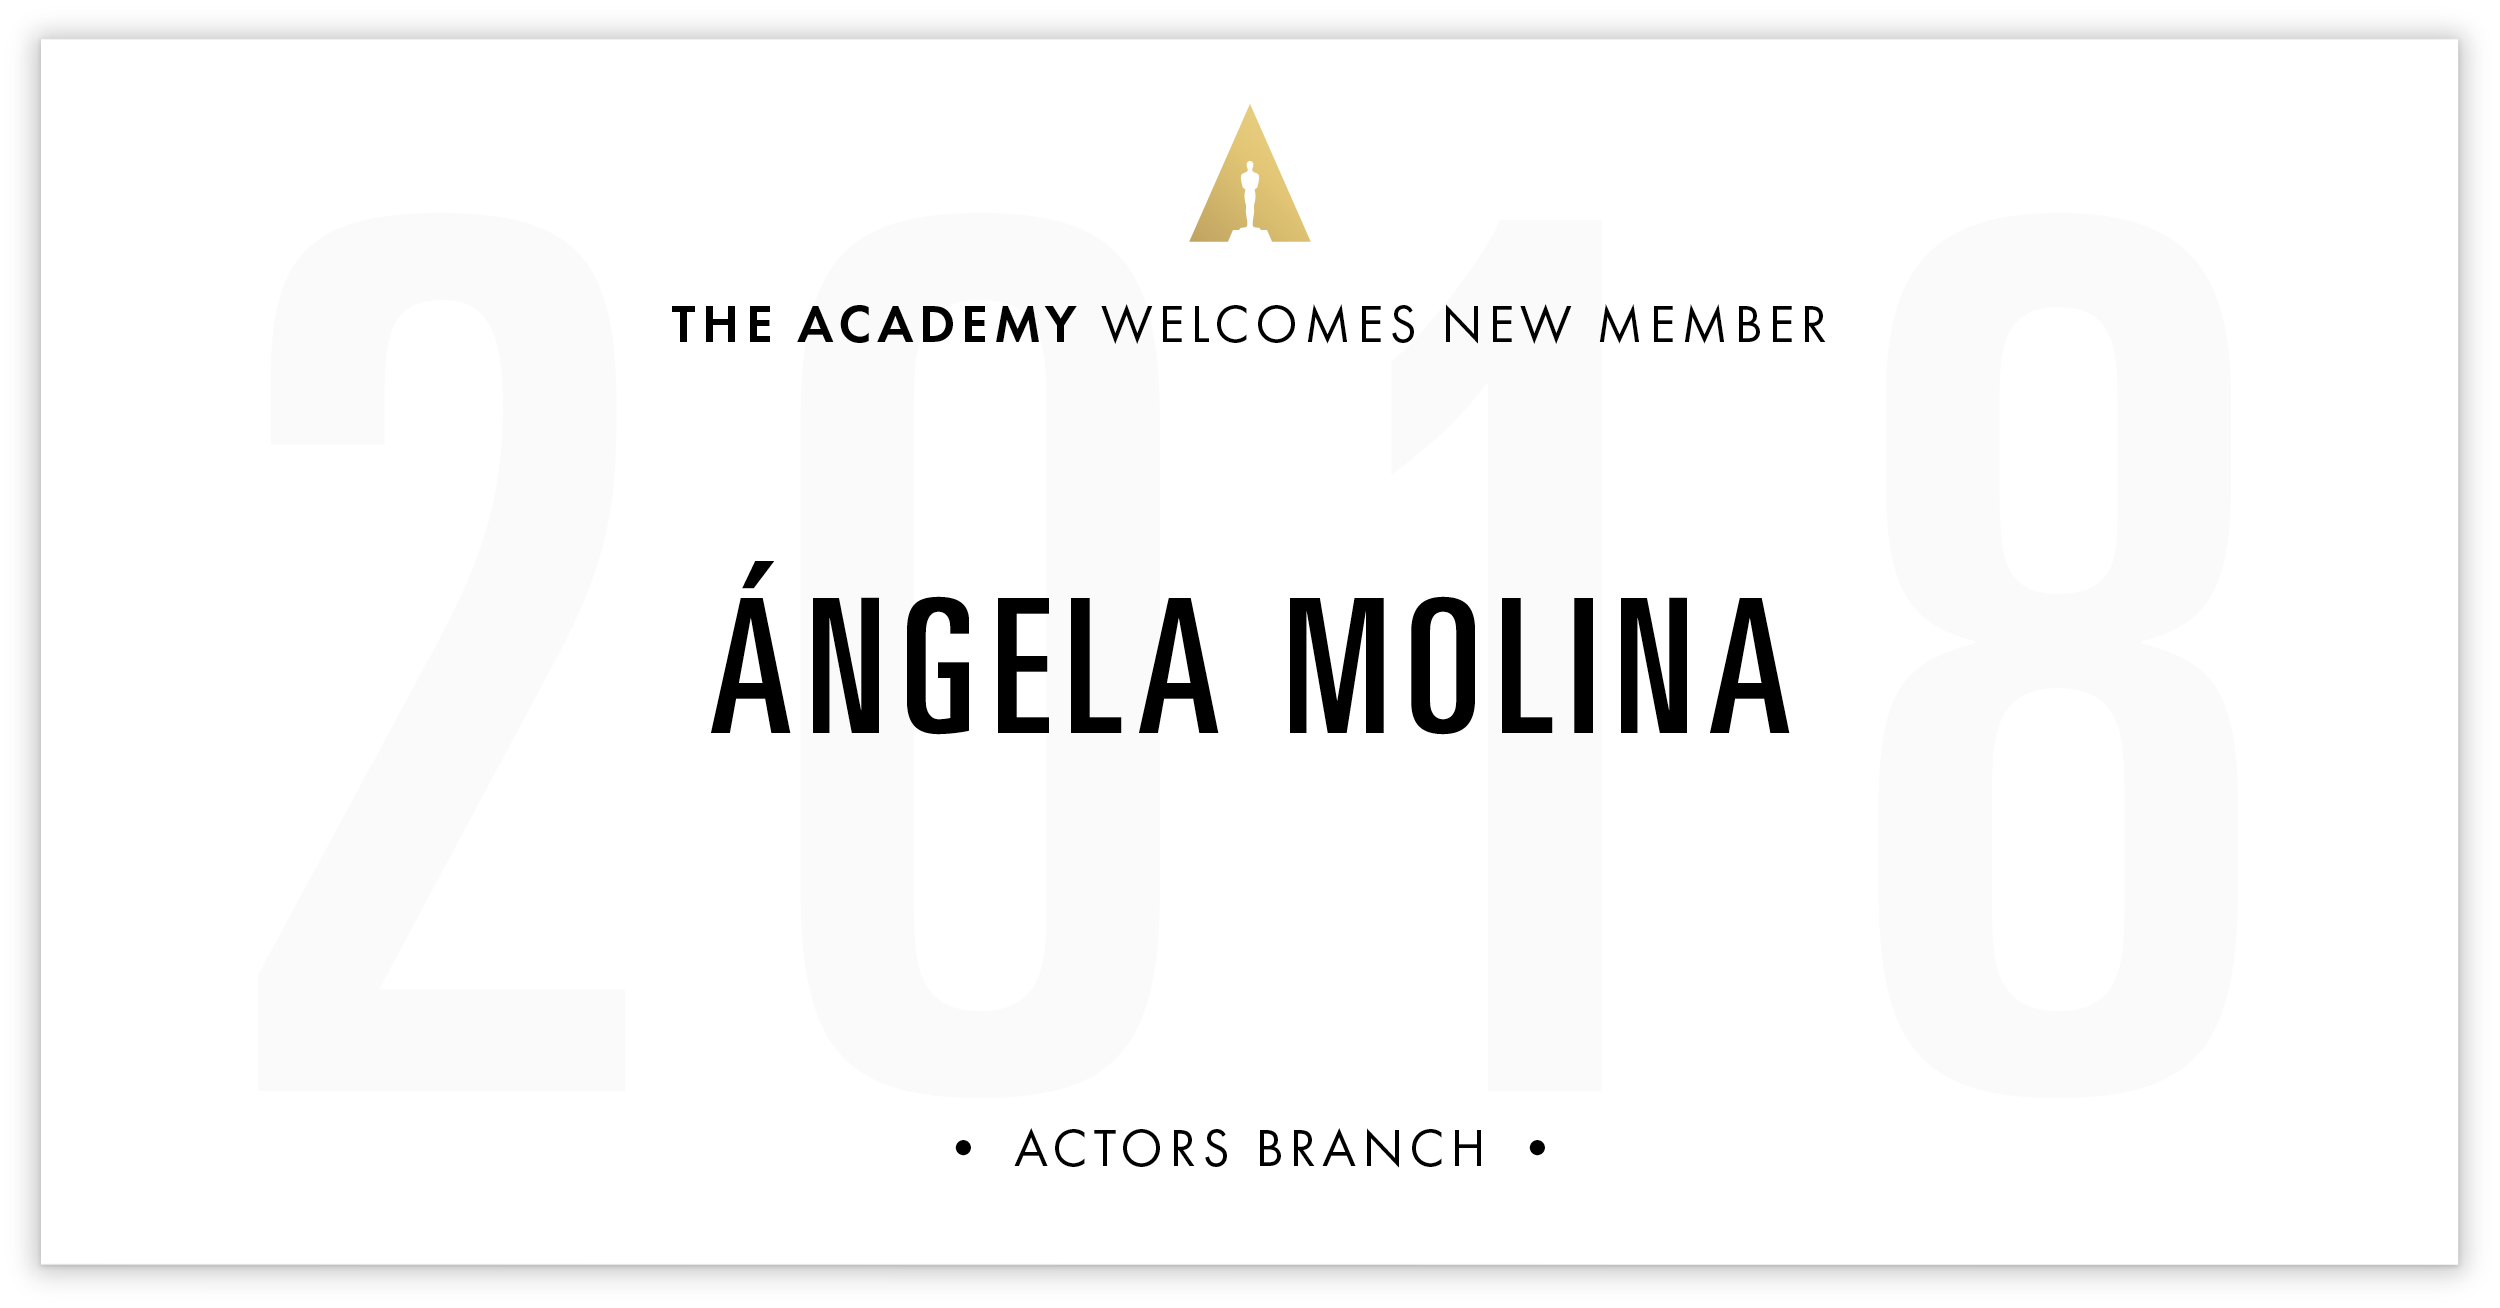 Ángela Molina is invited!